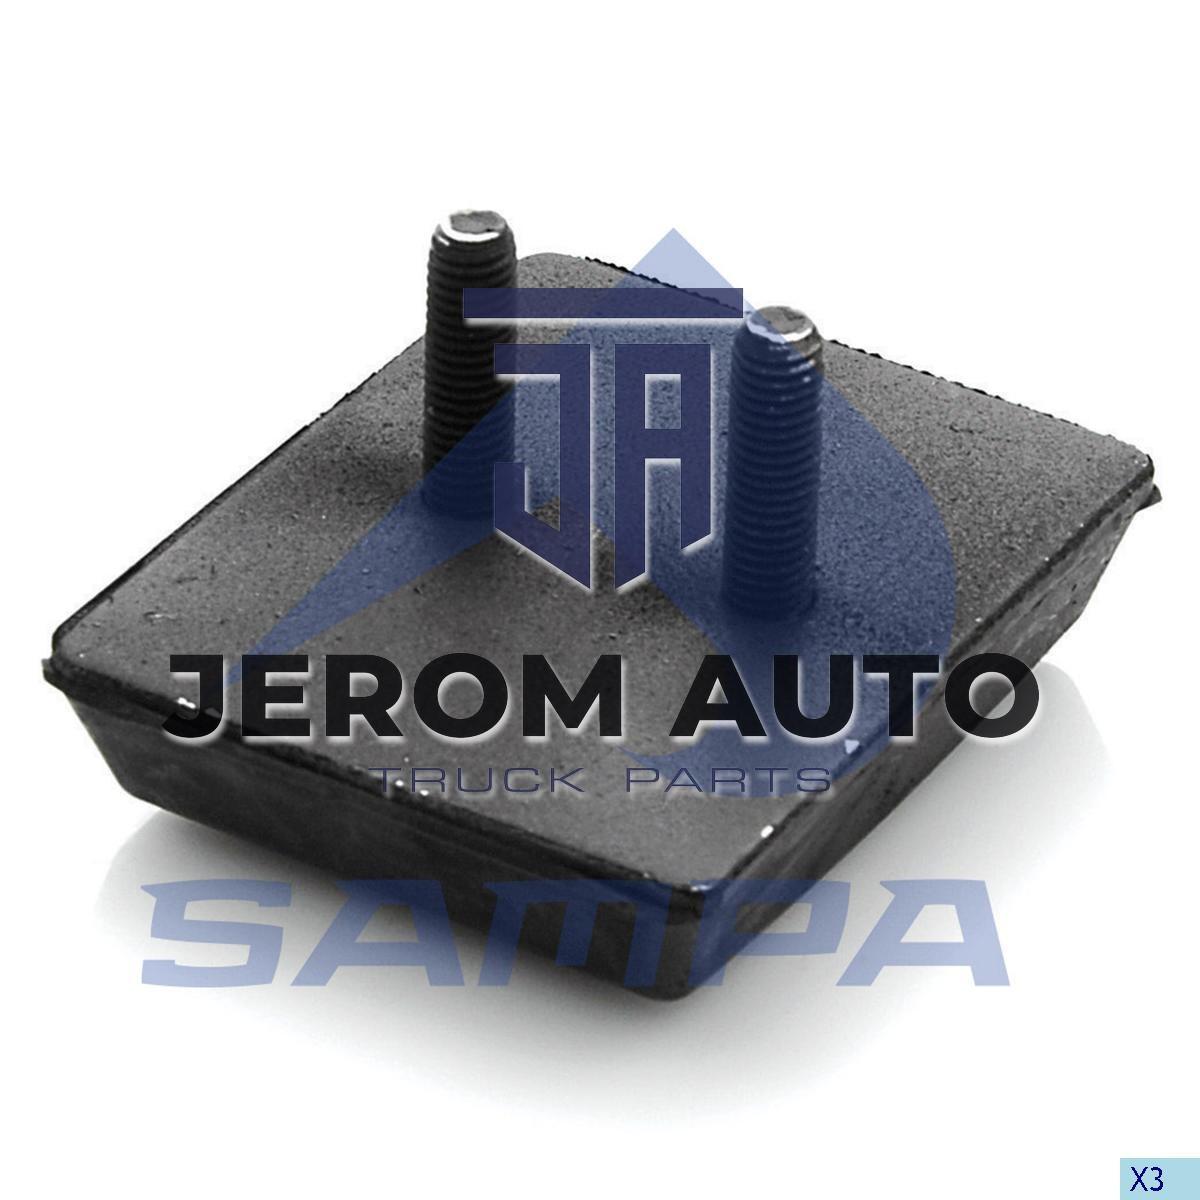 Буфер рессоры Renault (M8x1,25/19x28) \5001014359 \ 080.212